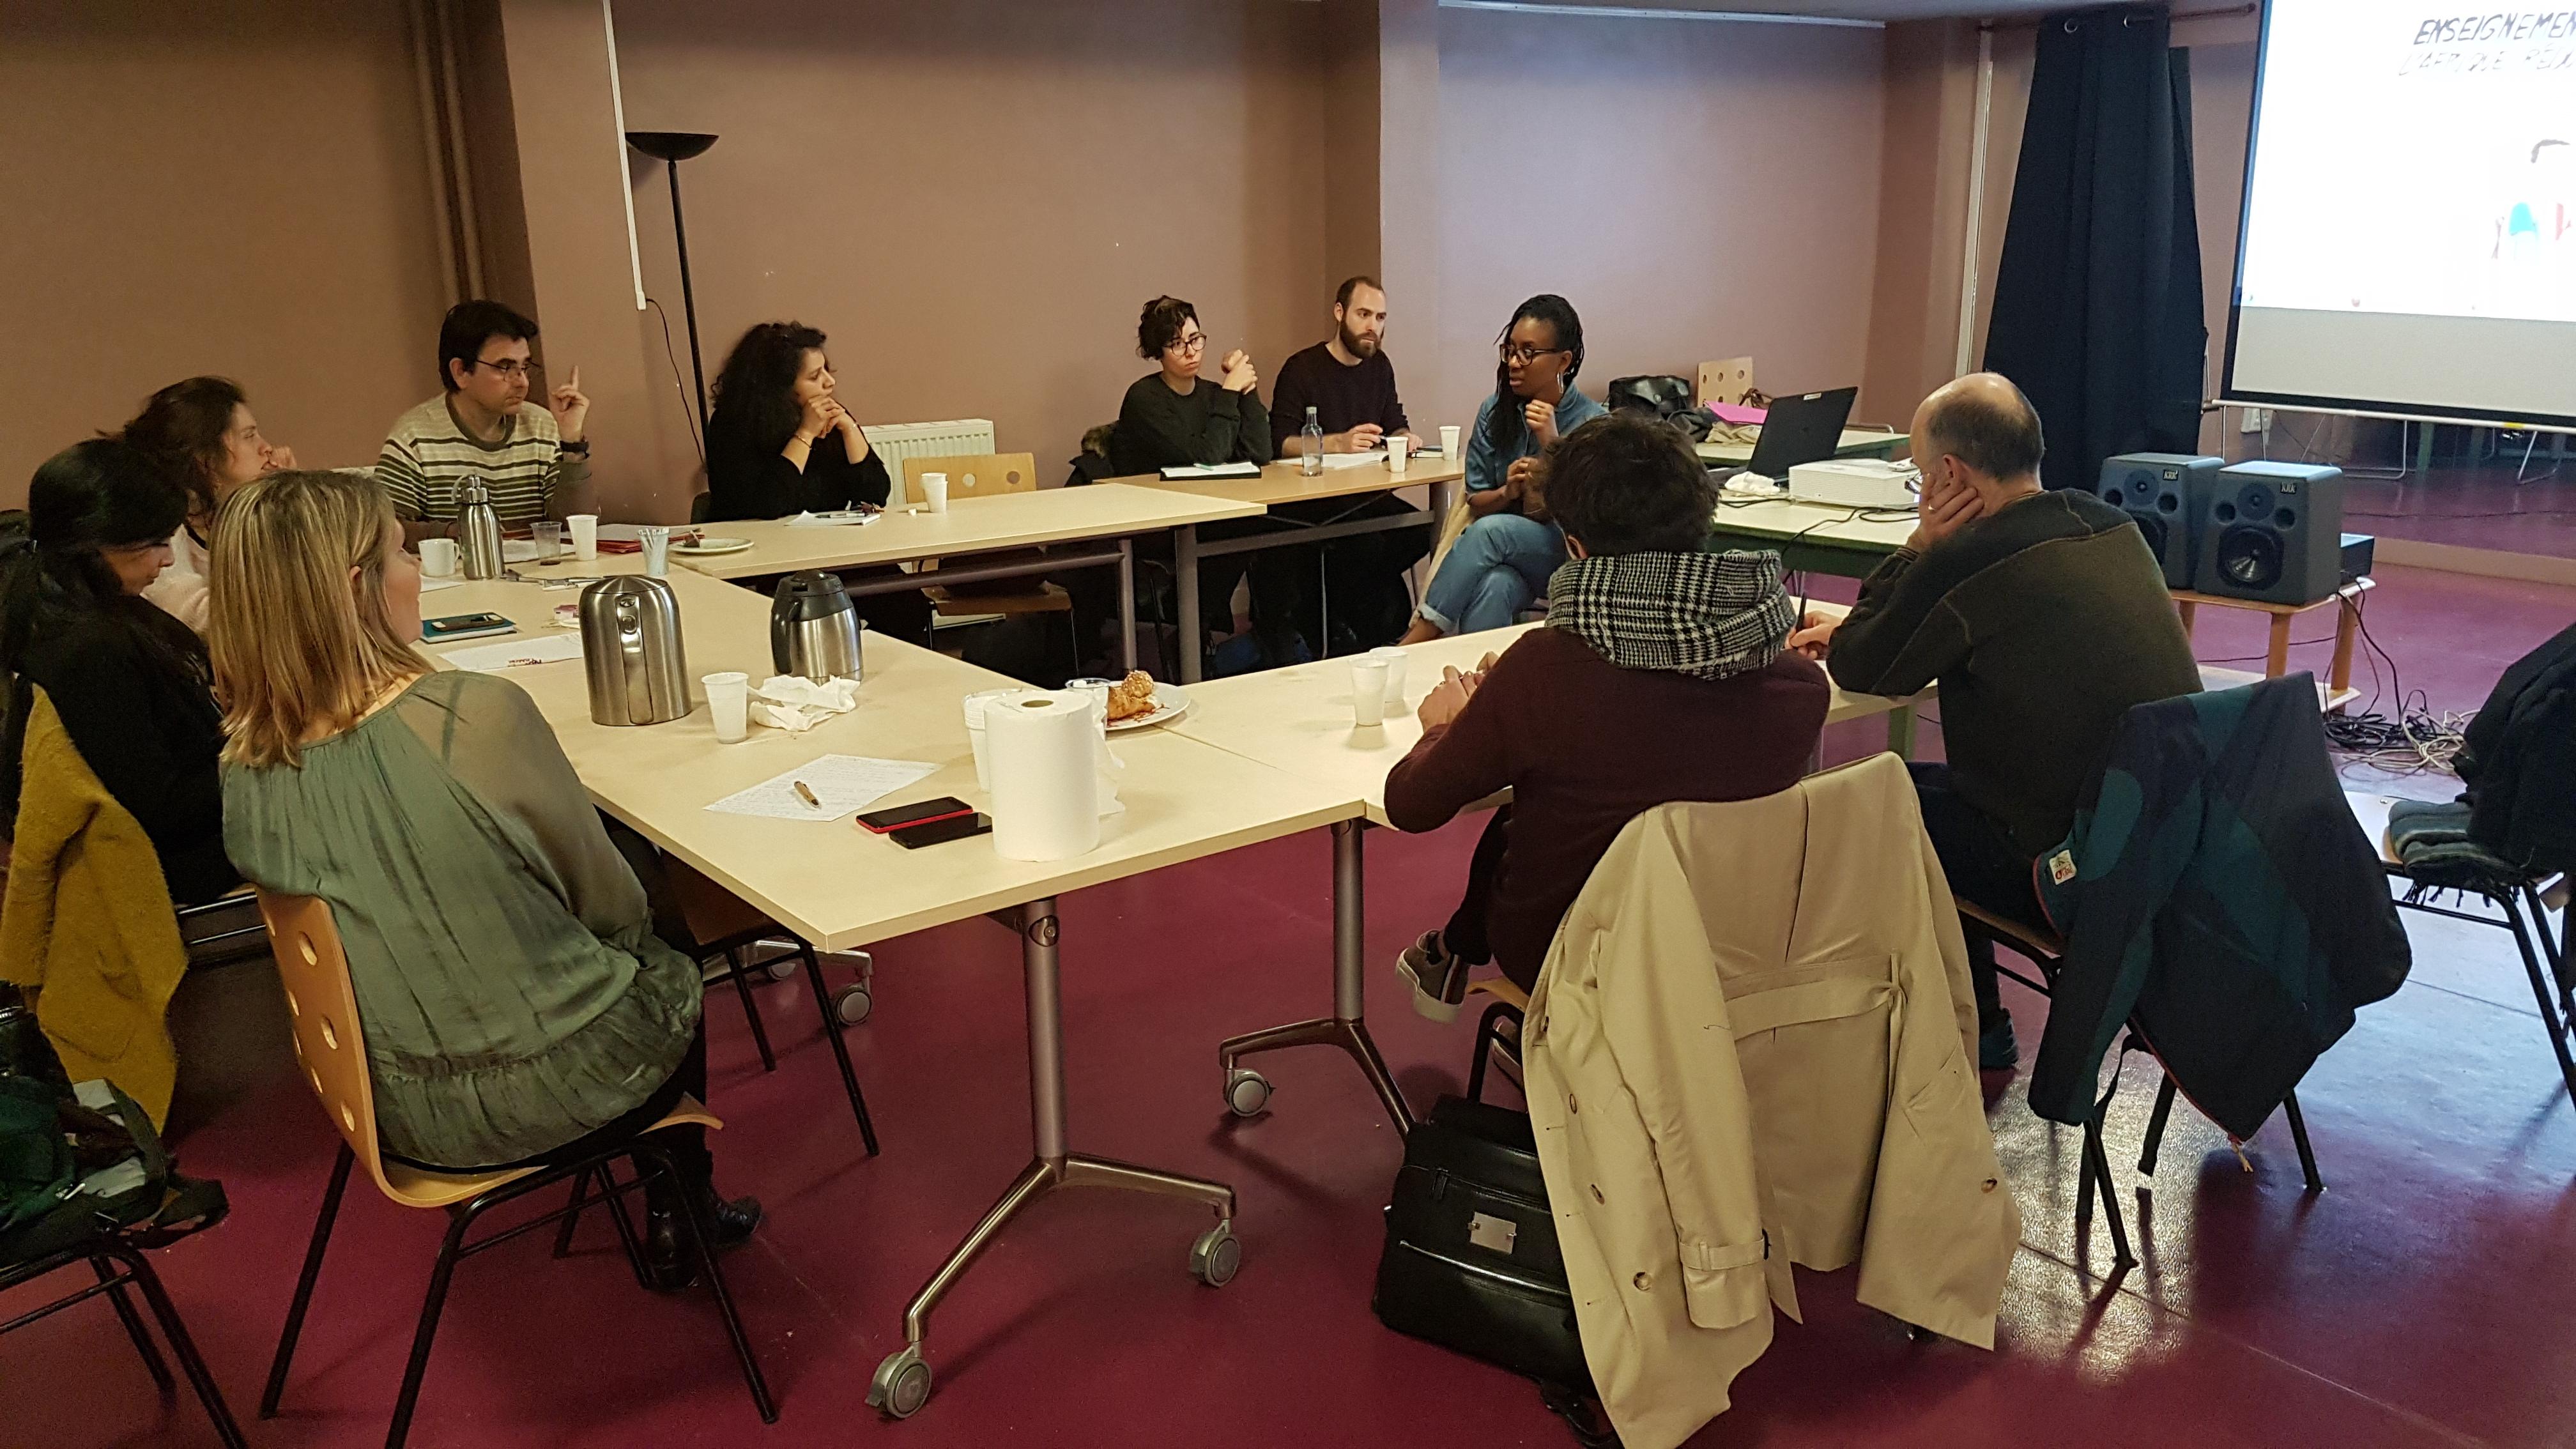 Formation des animateurs à Paris avec la dessinatrice Kam, février 2019